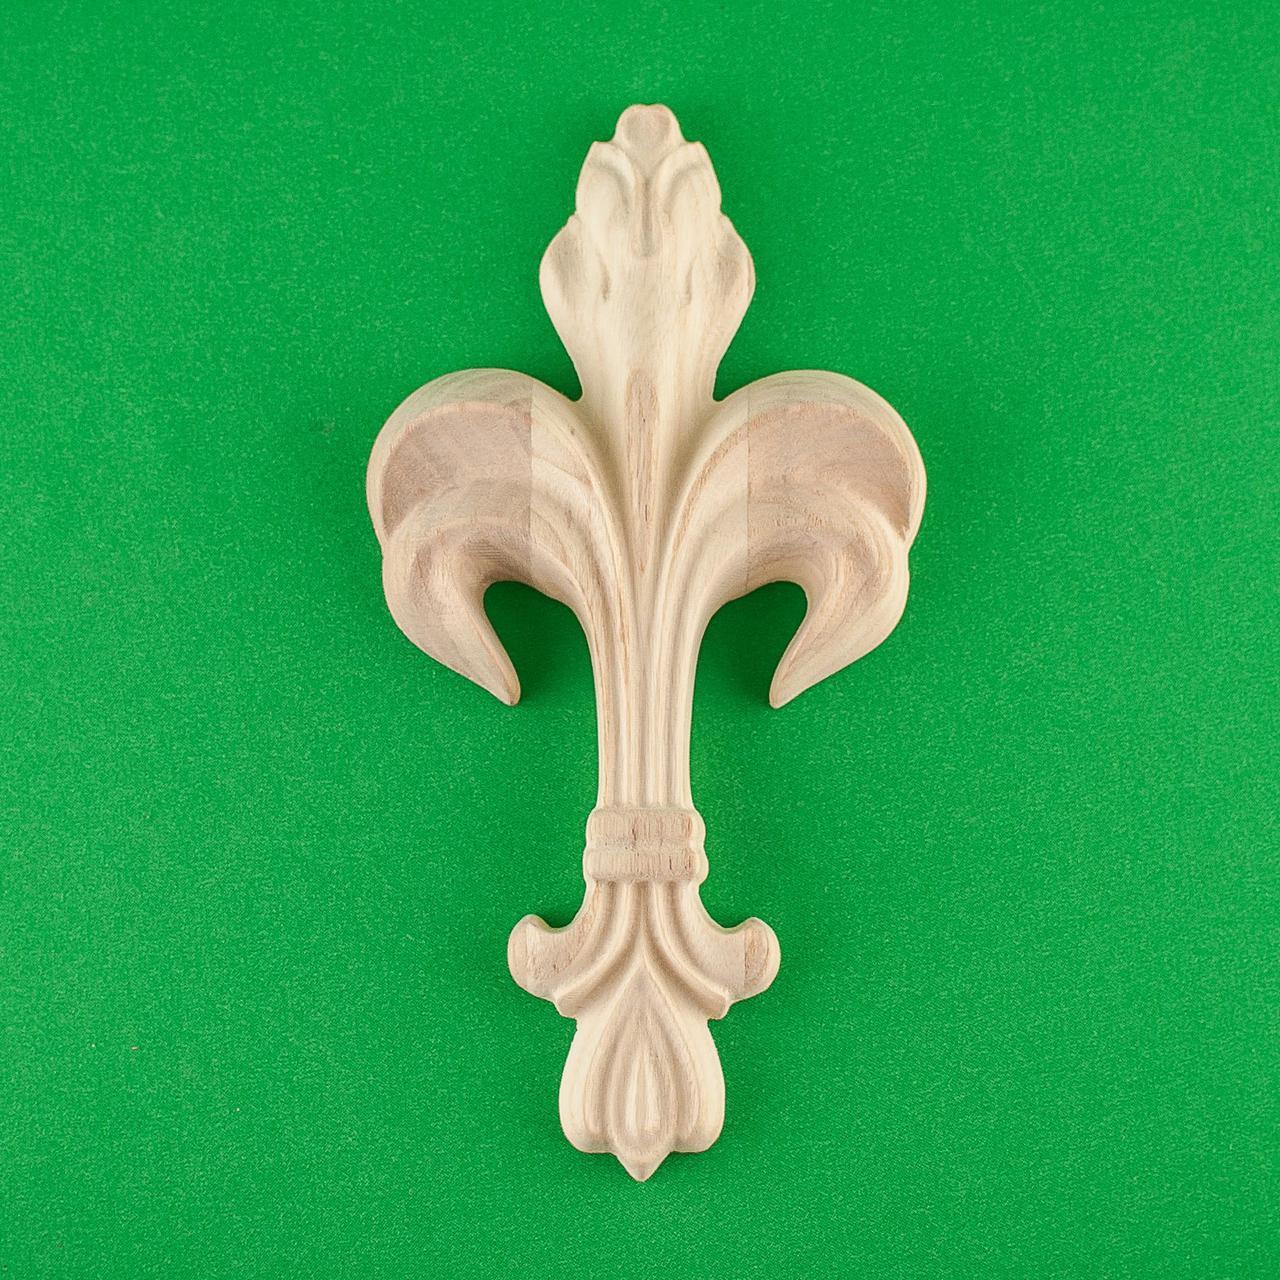 Код ДВ10. Деревянный резной декор для мебели. Декор вертикальный